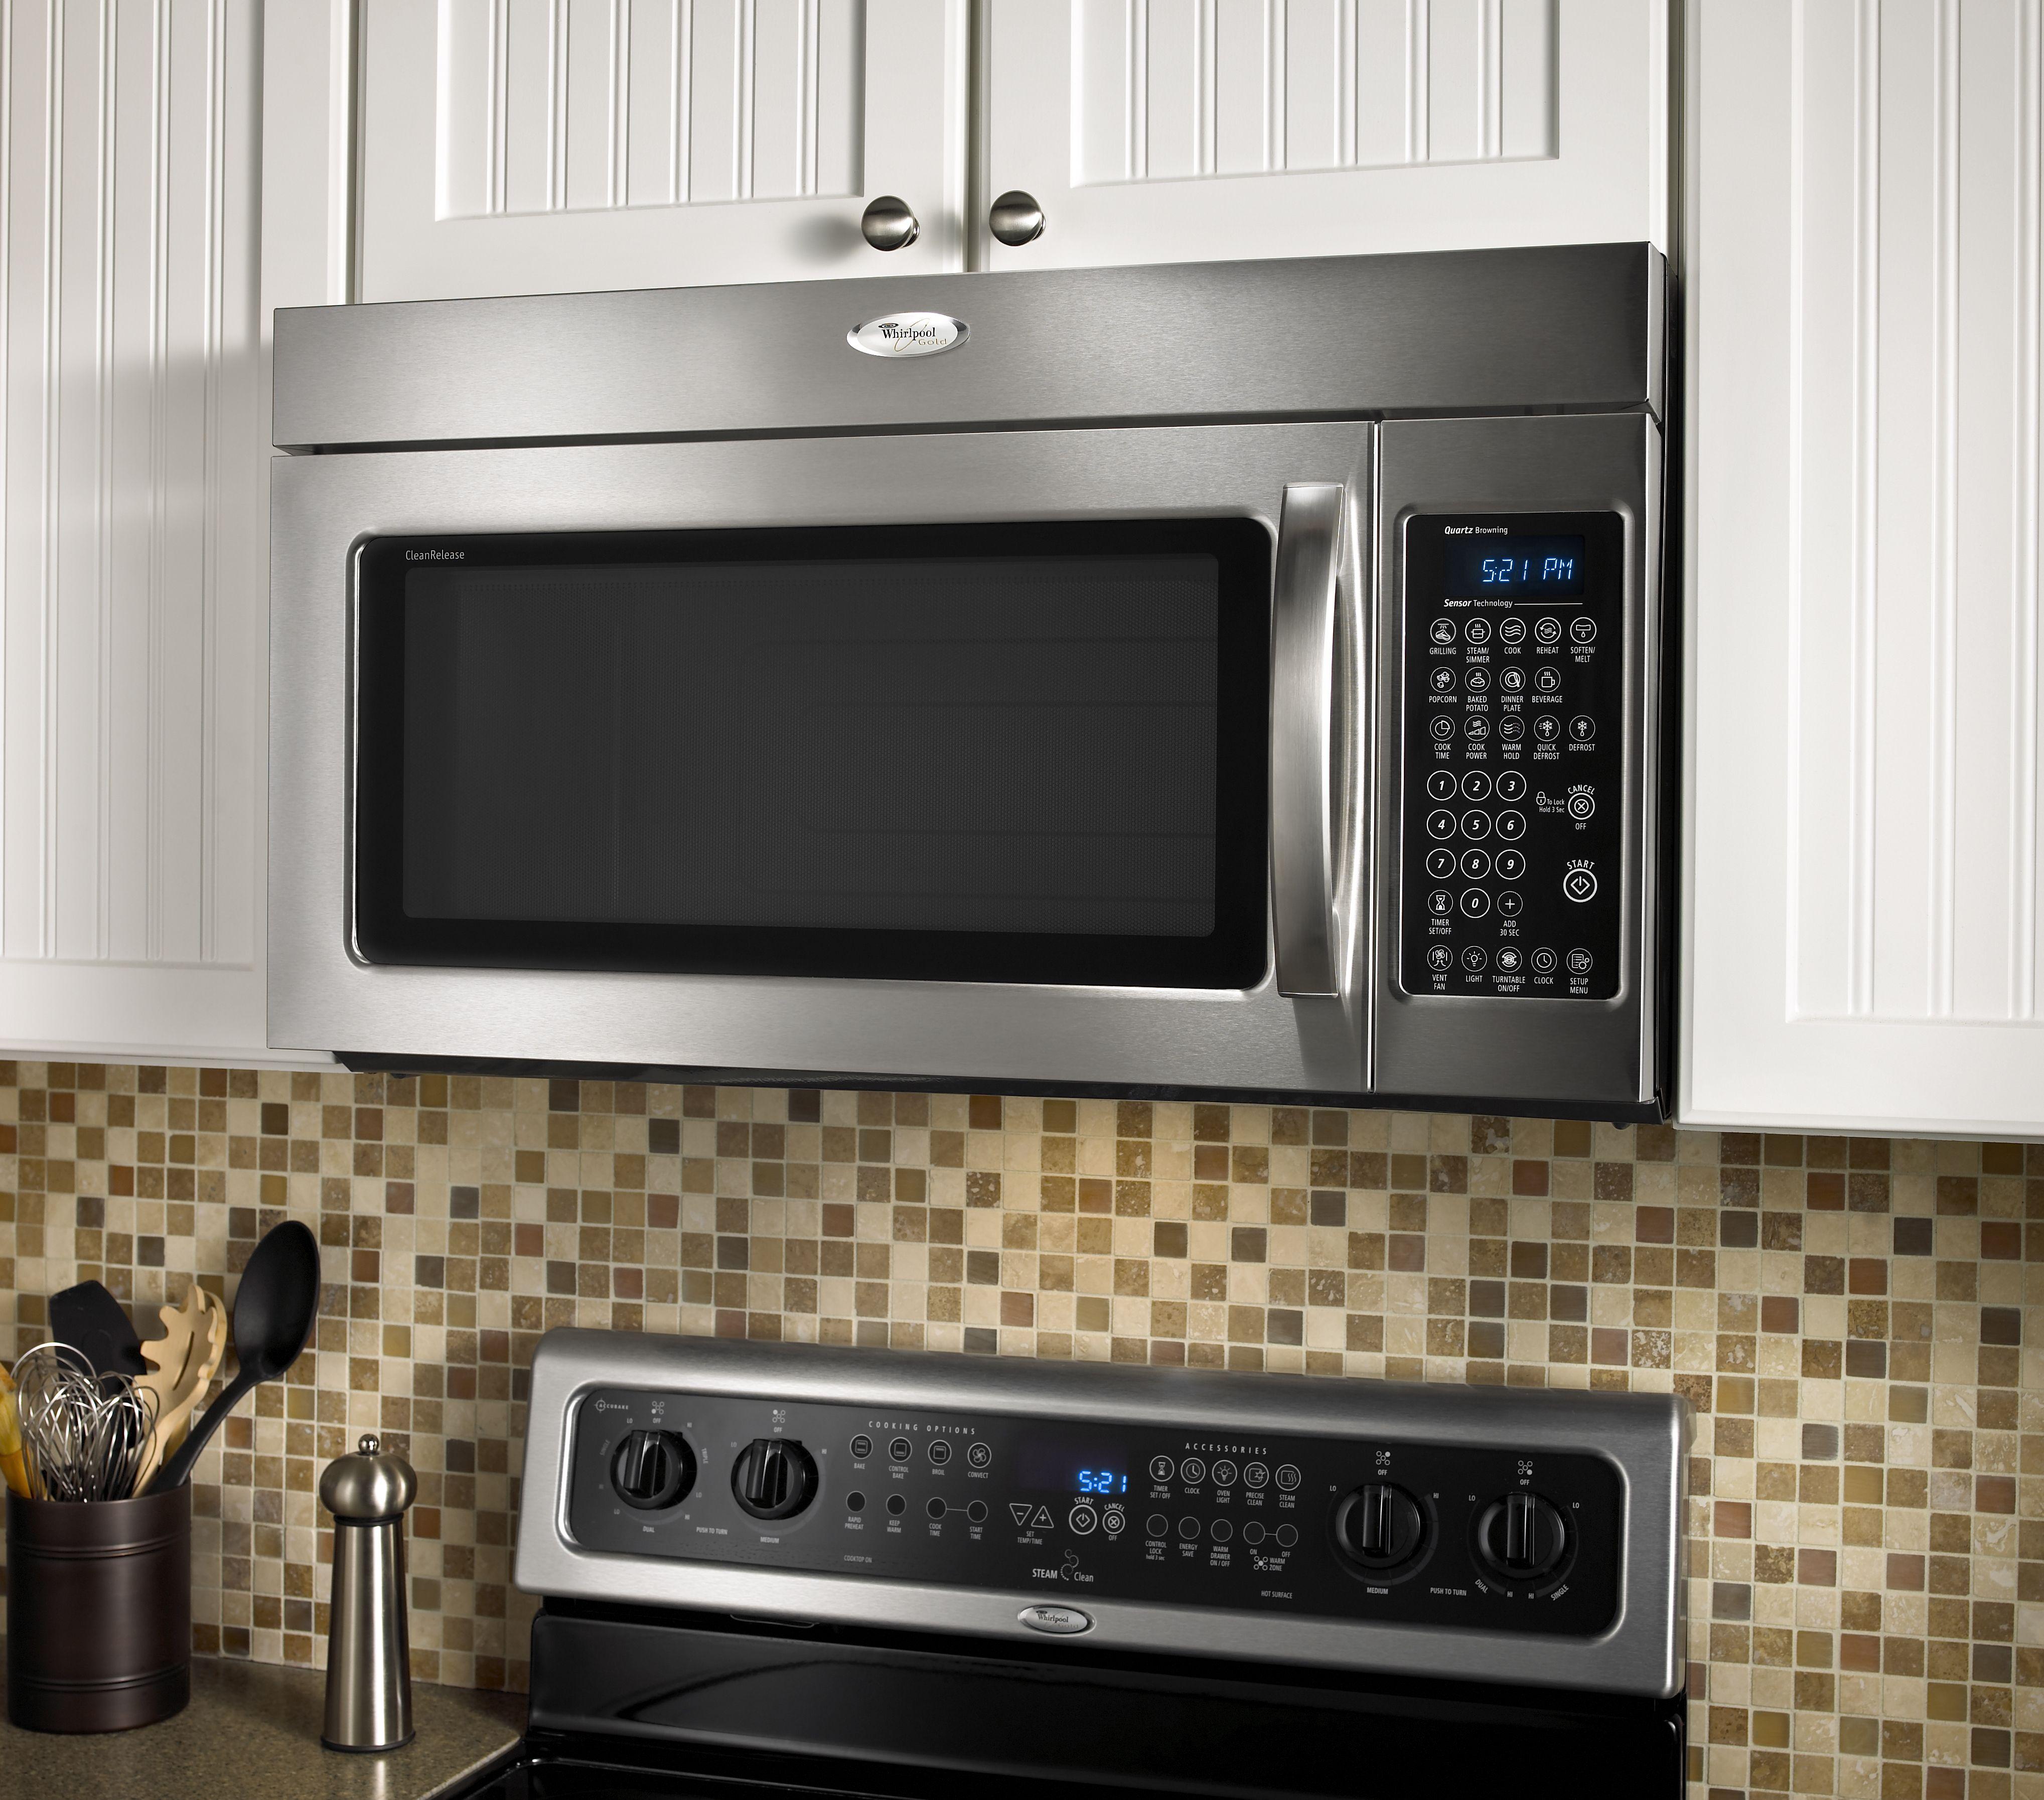 Microwave Range Hood Combination Microwave Cabinet Built In Microwave Cabinet Microwave With Vent